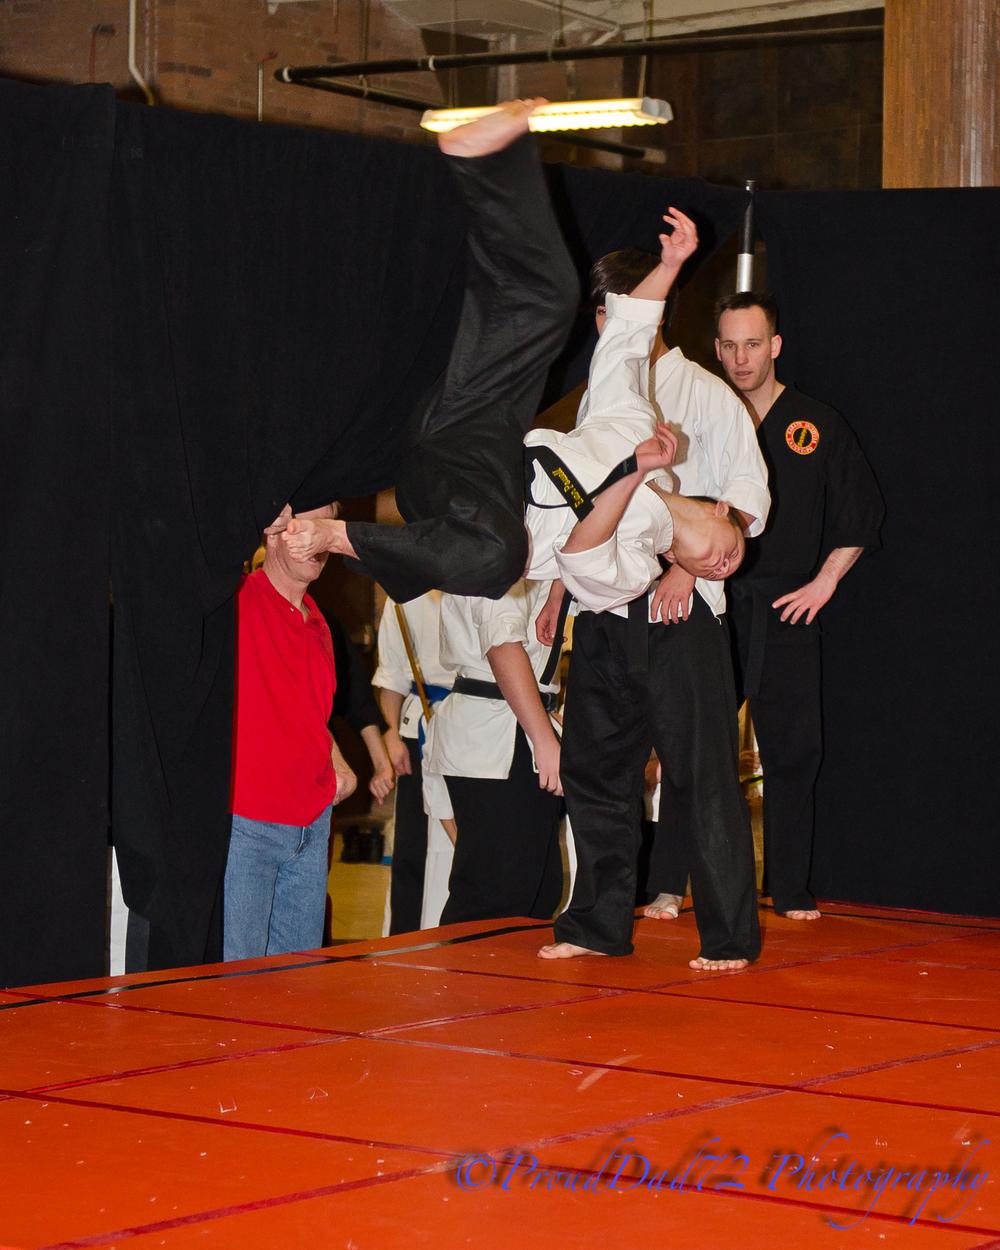 karate1-21-2012-19.jpg